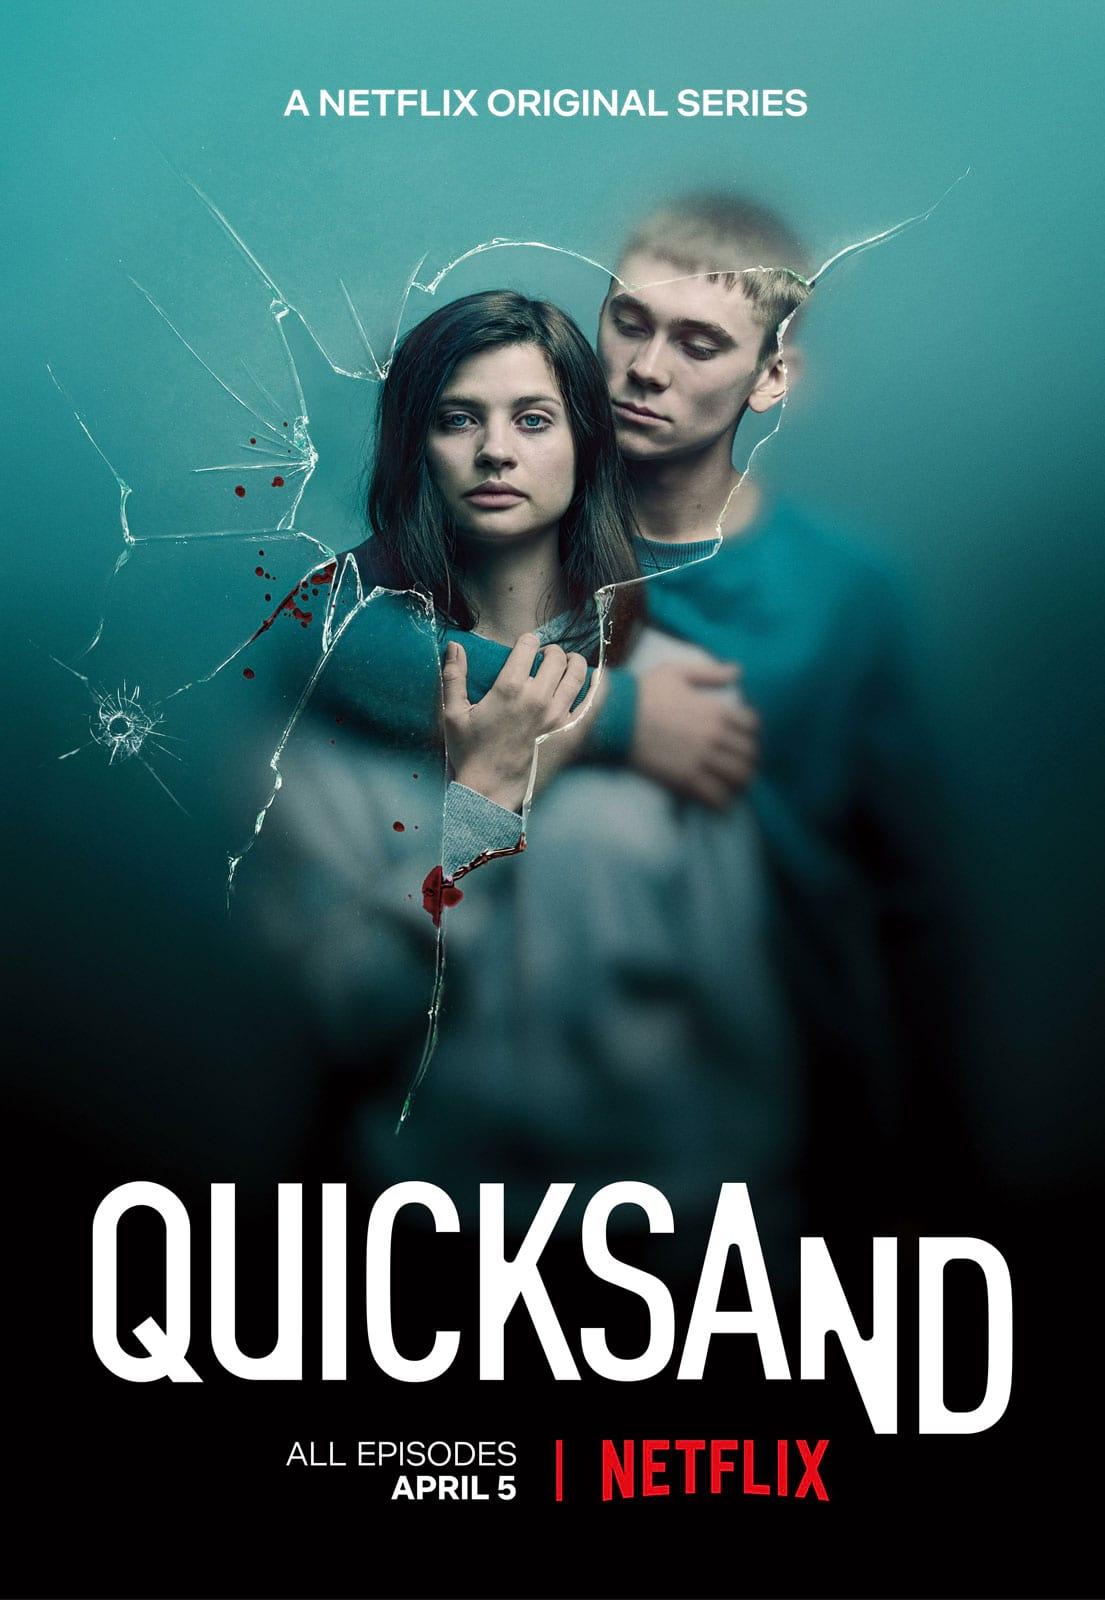 quicksand netflix